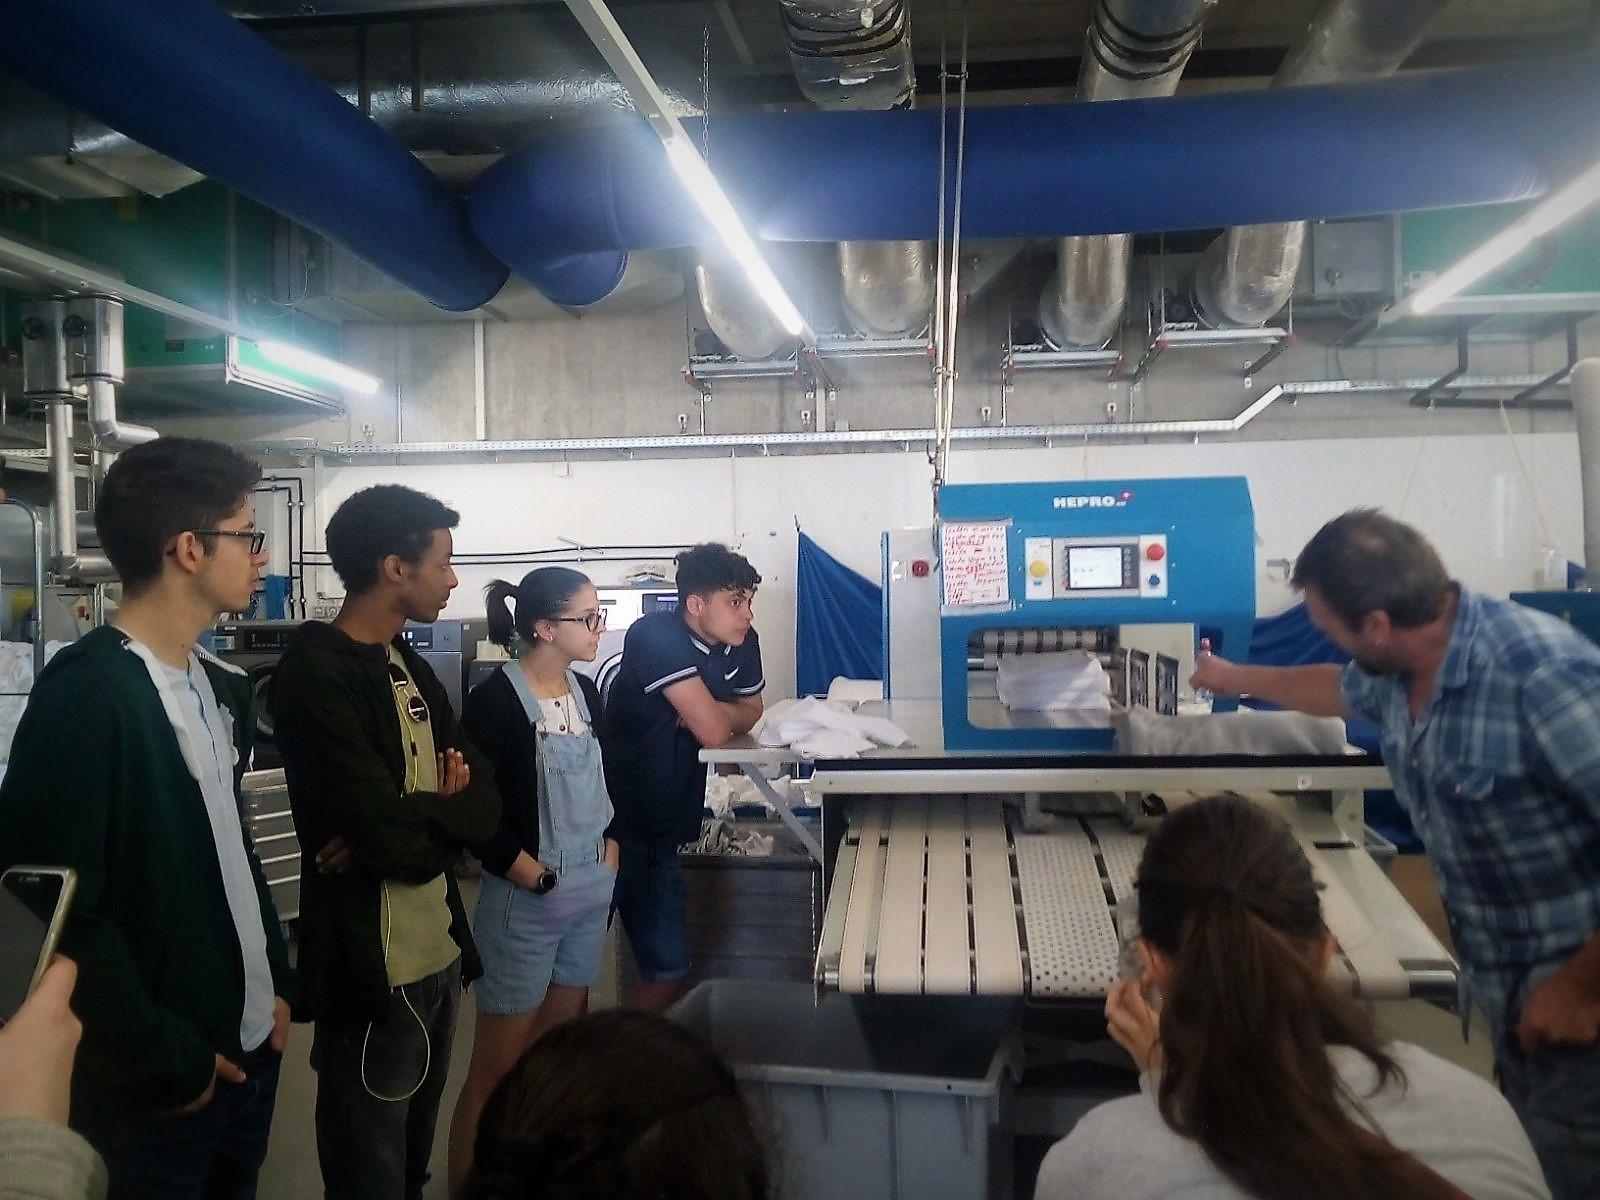 La Priola Jugendliche Bei Der Besichtigung Der Green Laundry In Weggis